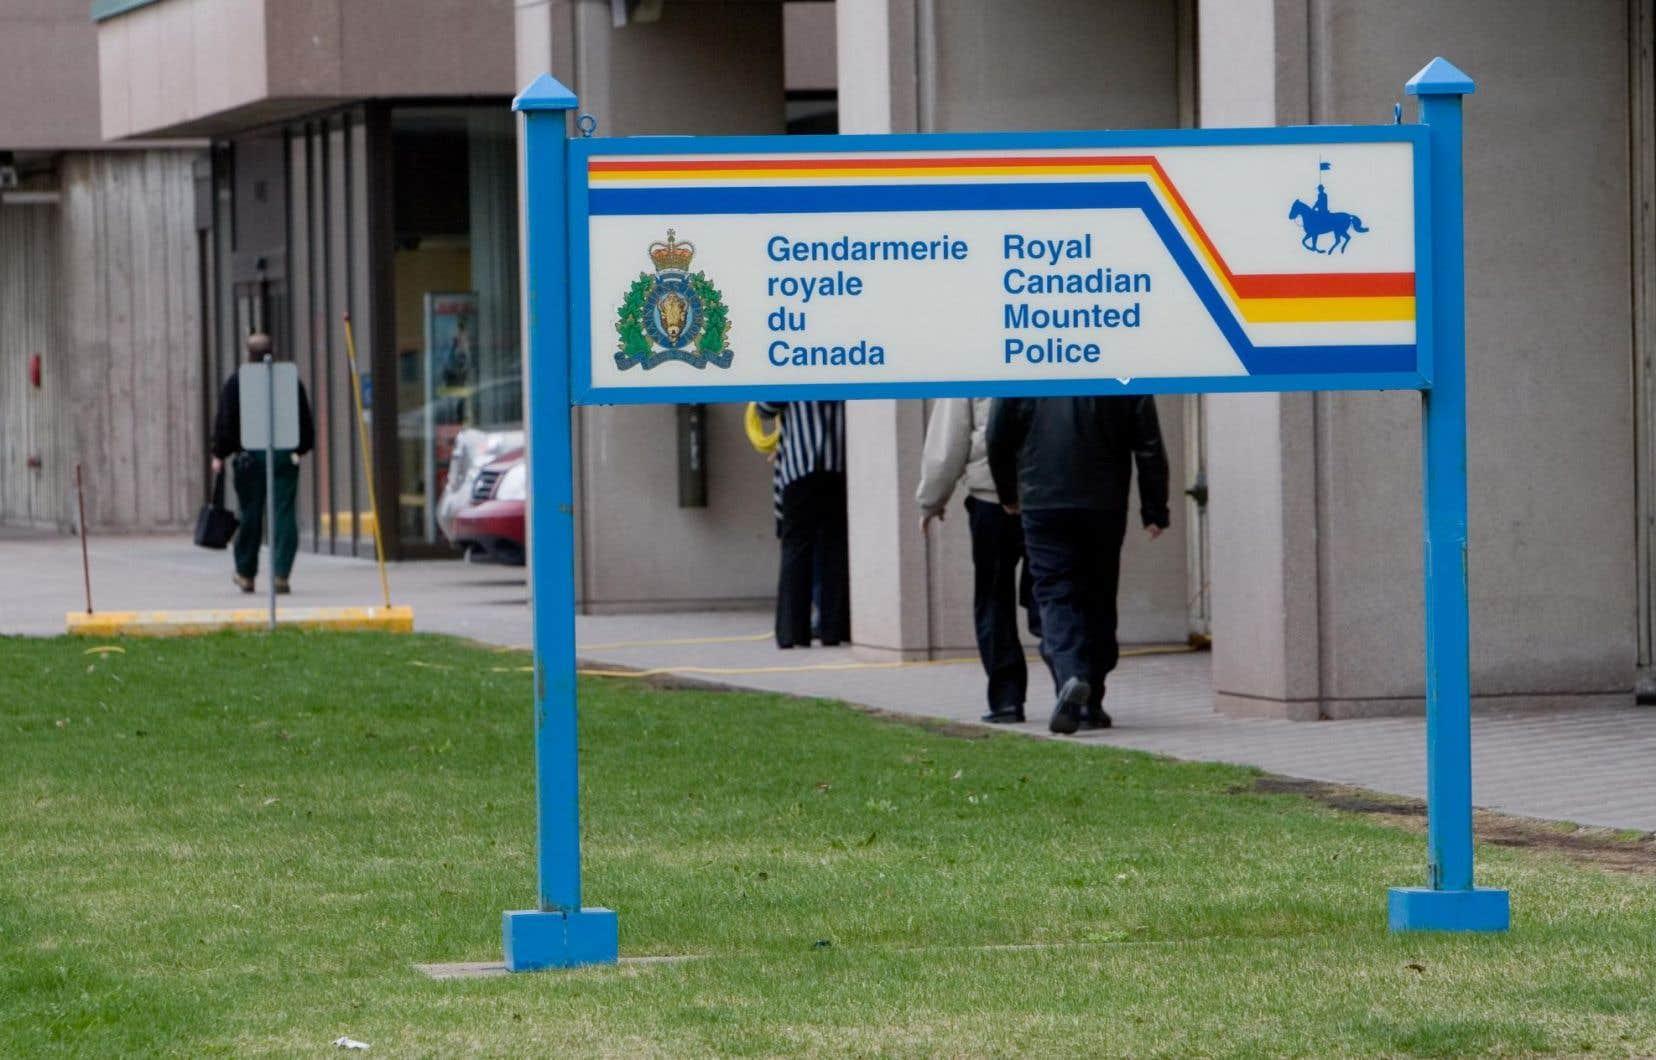 La GRC tente depuis des années de lutter contre le harcèlement et l'intimidation, après avoir reçu de nombreuses plaintes.